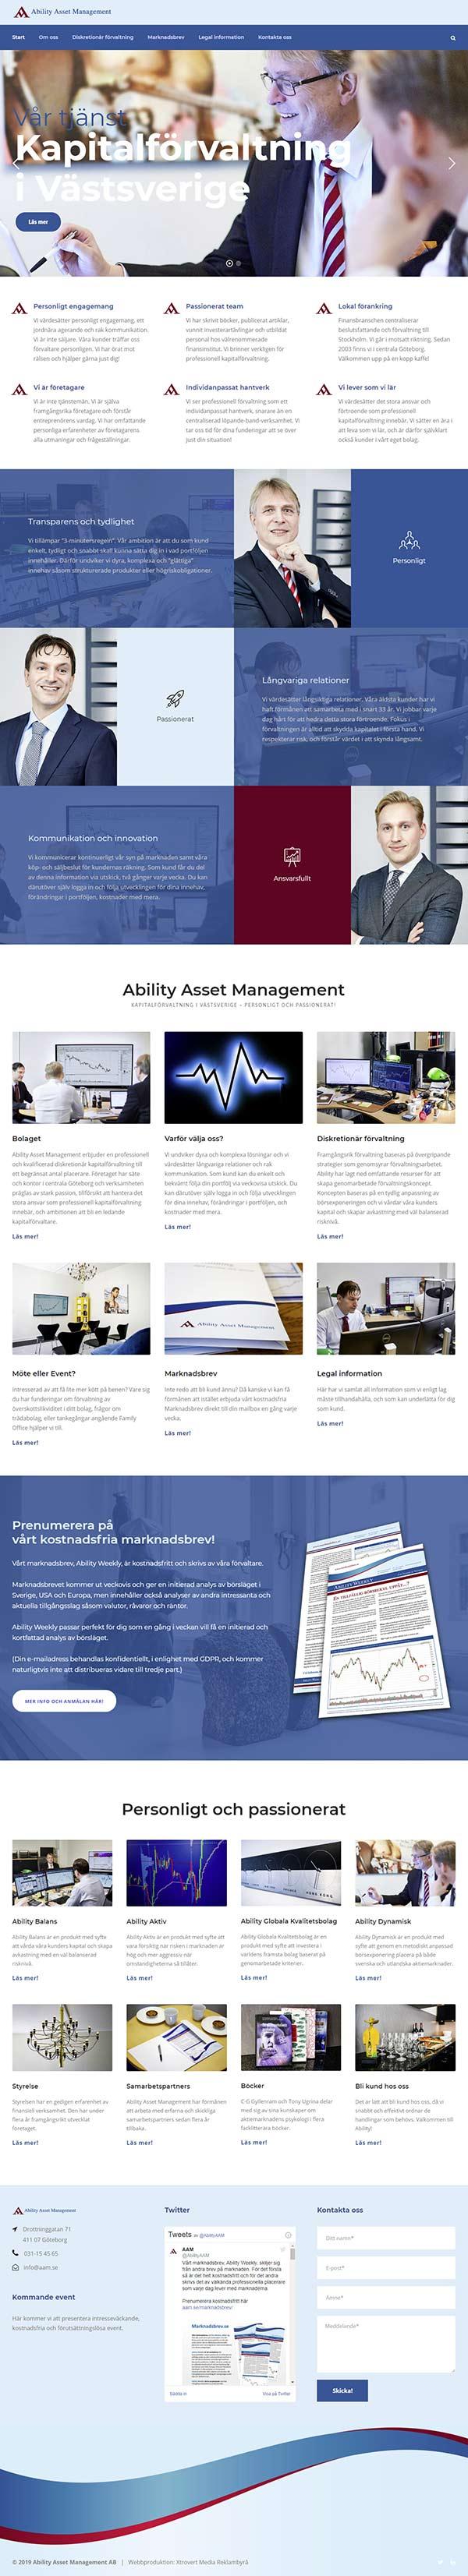 Webbproduktion av Xtrovert Media Reklambyrå. Ny webbsida till AAM (Ability Asset Management).